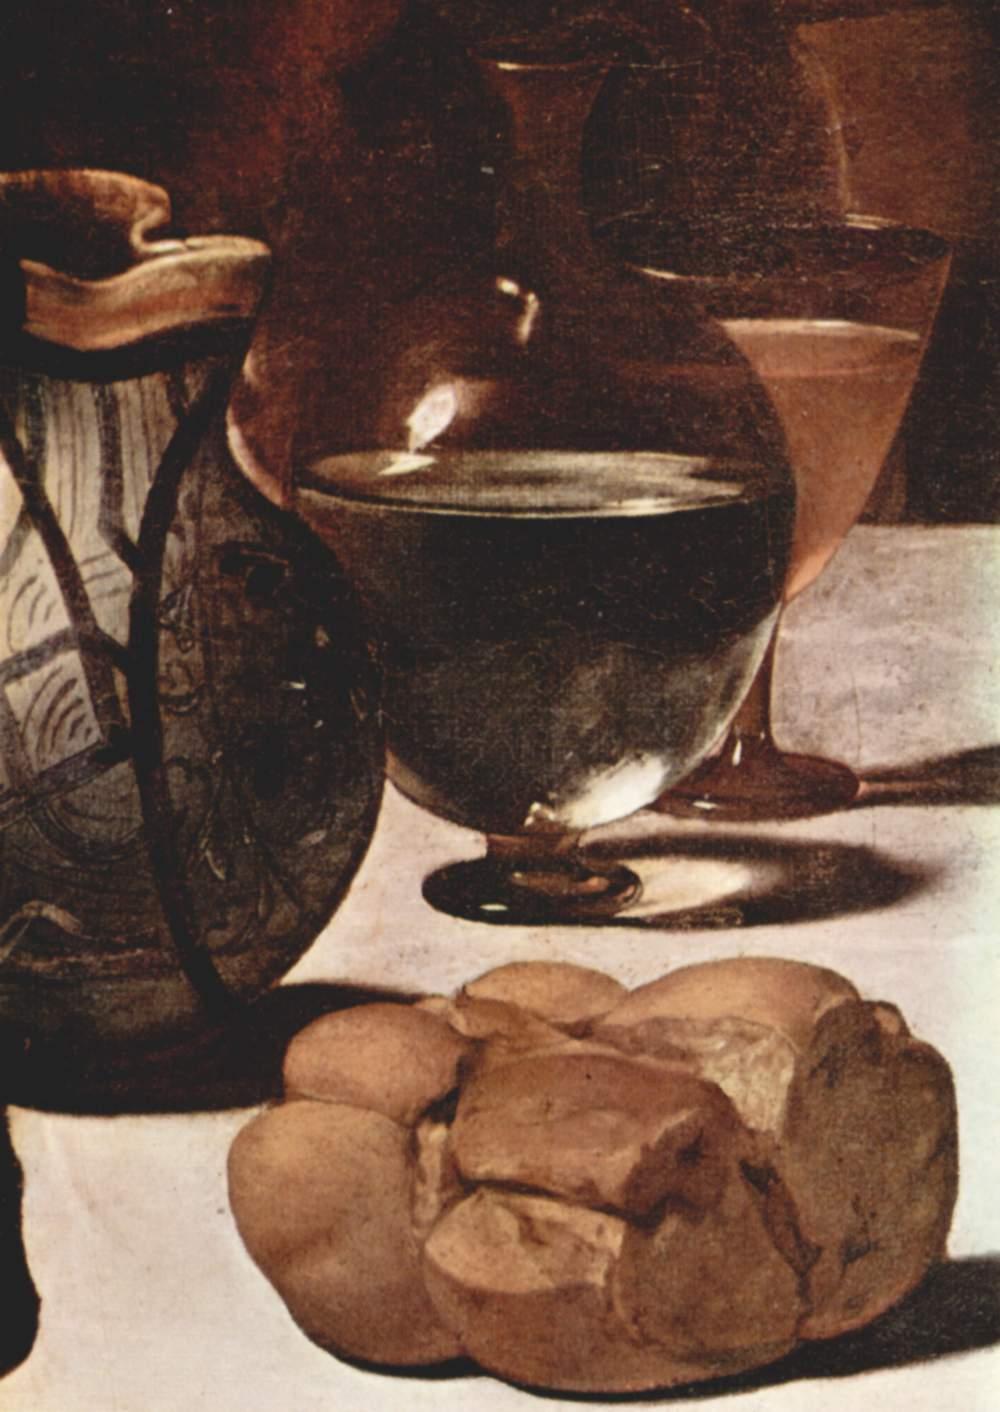 Христос в Эммаусе. Деталь  хлеб, Микеланджело Меризи де Караваджо